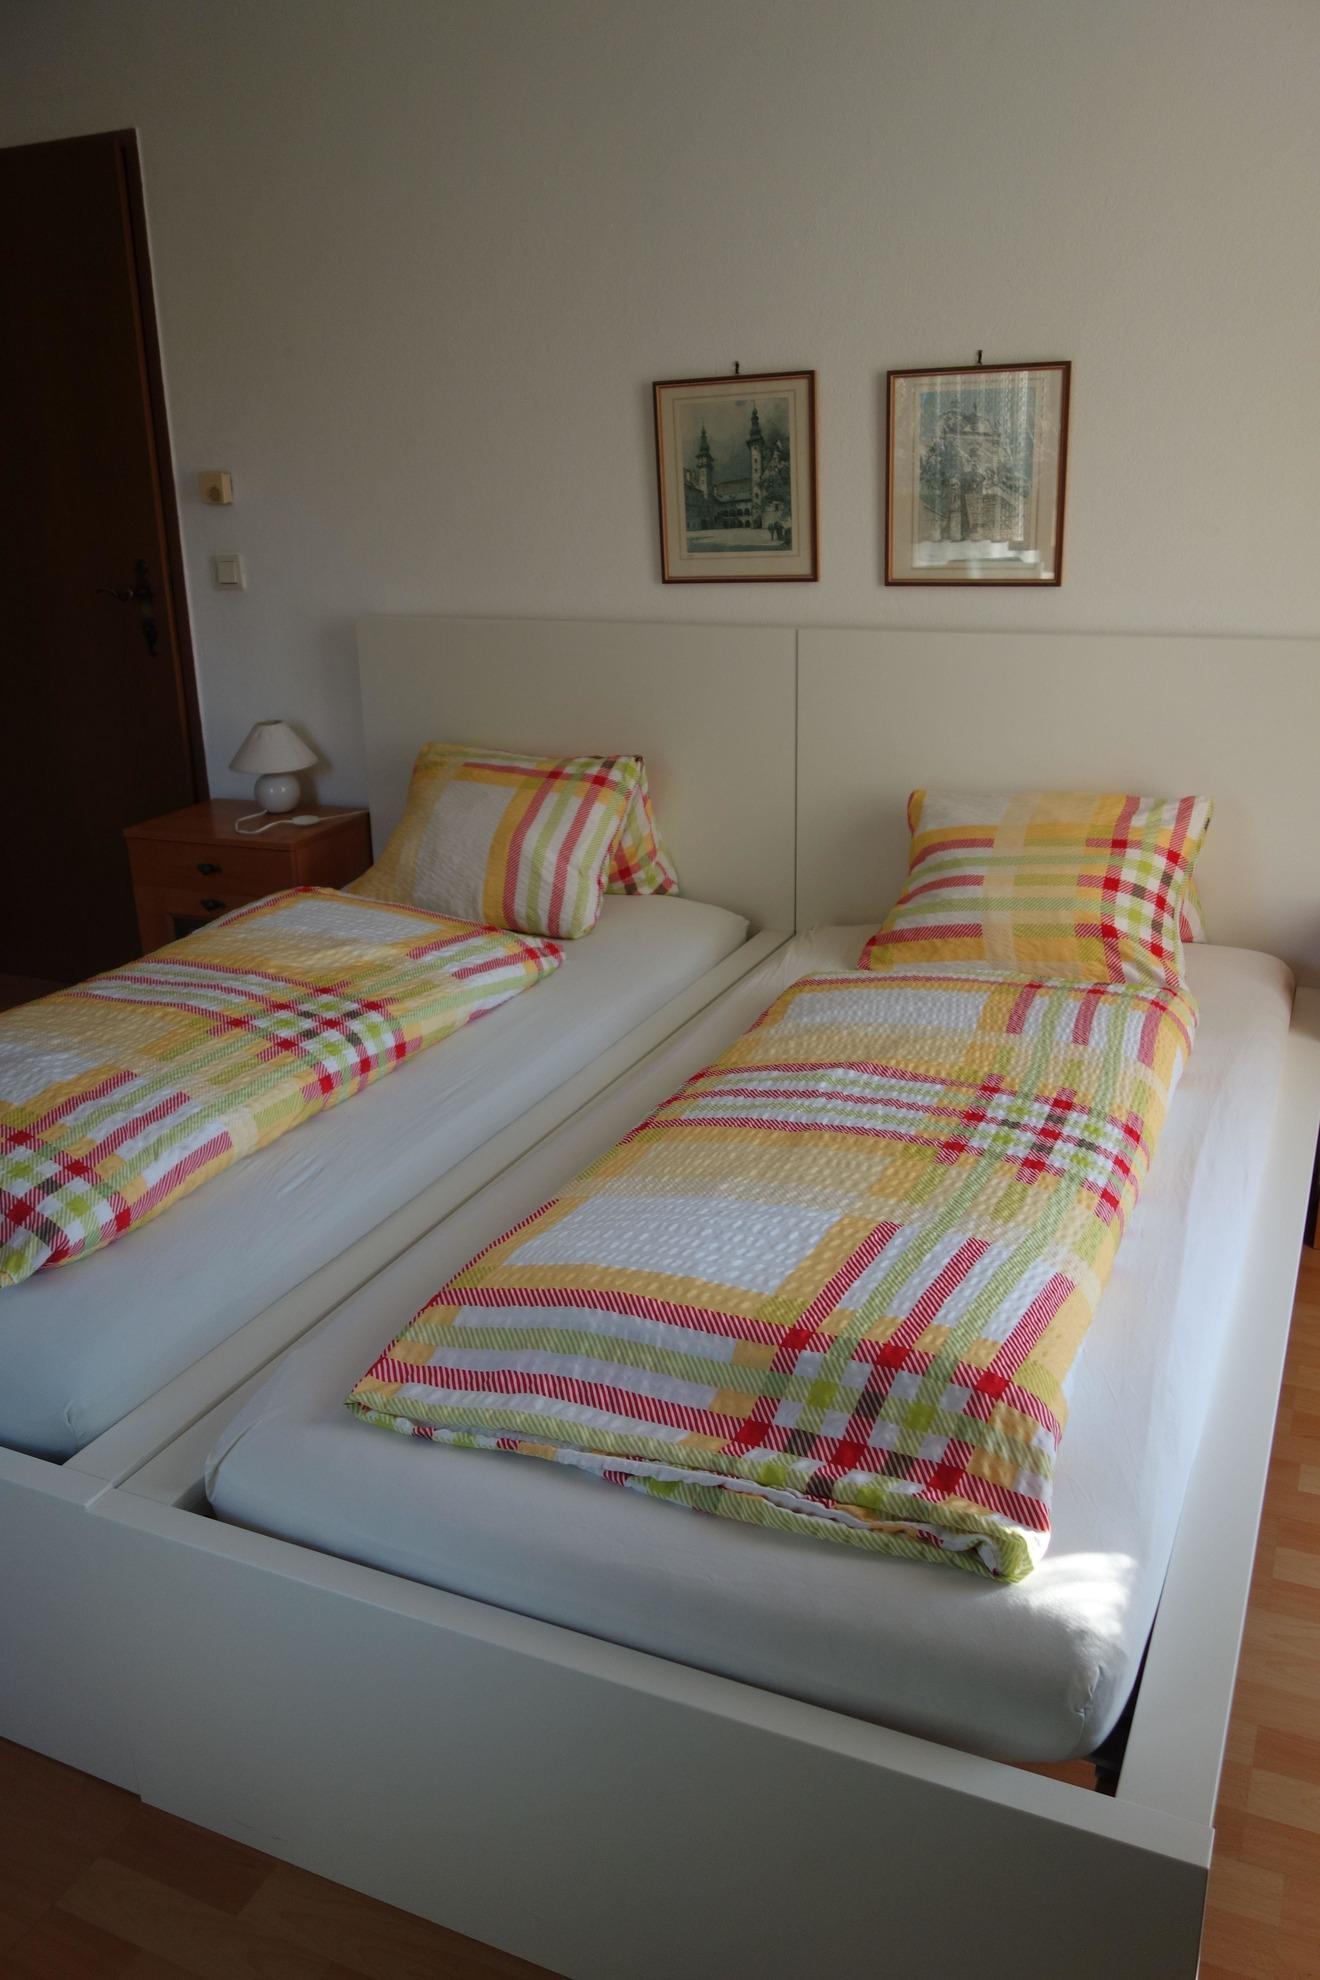 Appartement de vacances Appartements Kubisko WG 2 (1995781), Keutschach, Wörthersee, Carinthie, Autriche, image 4